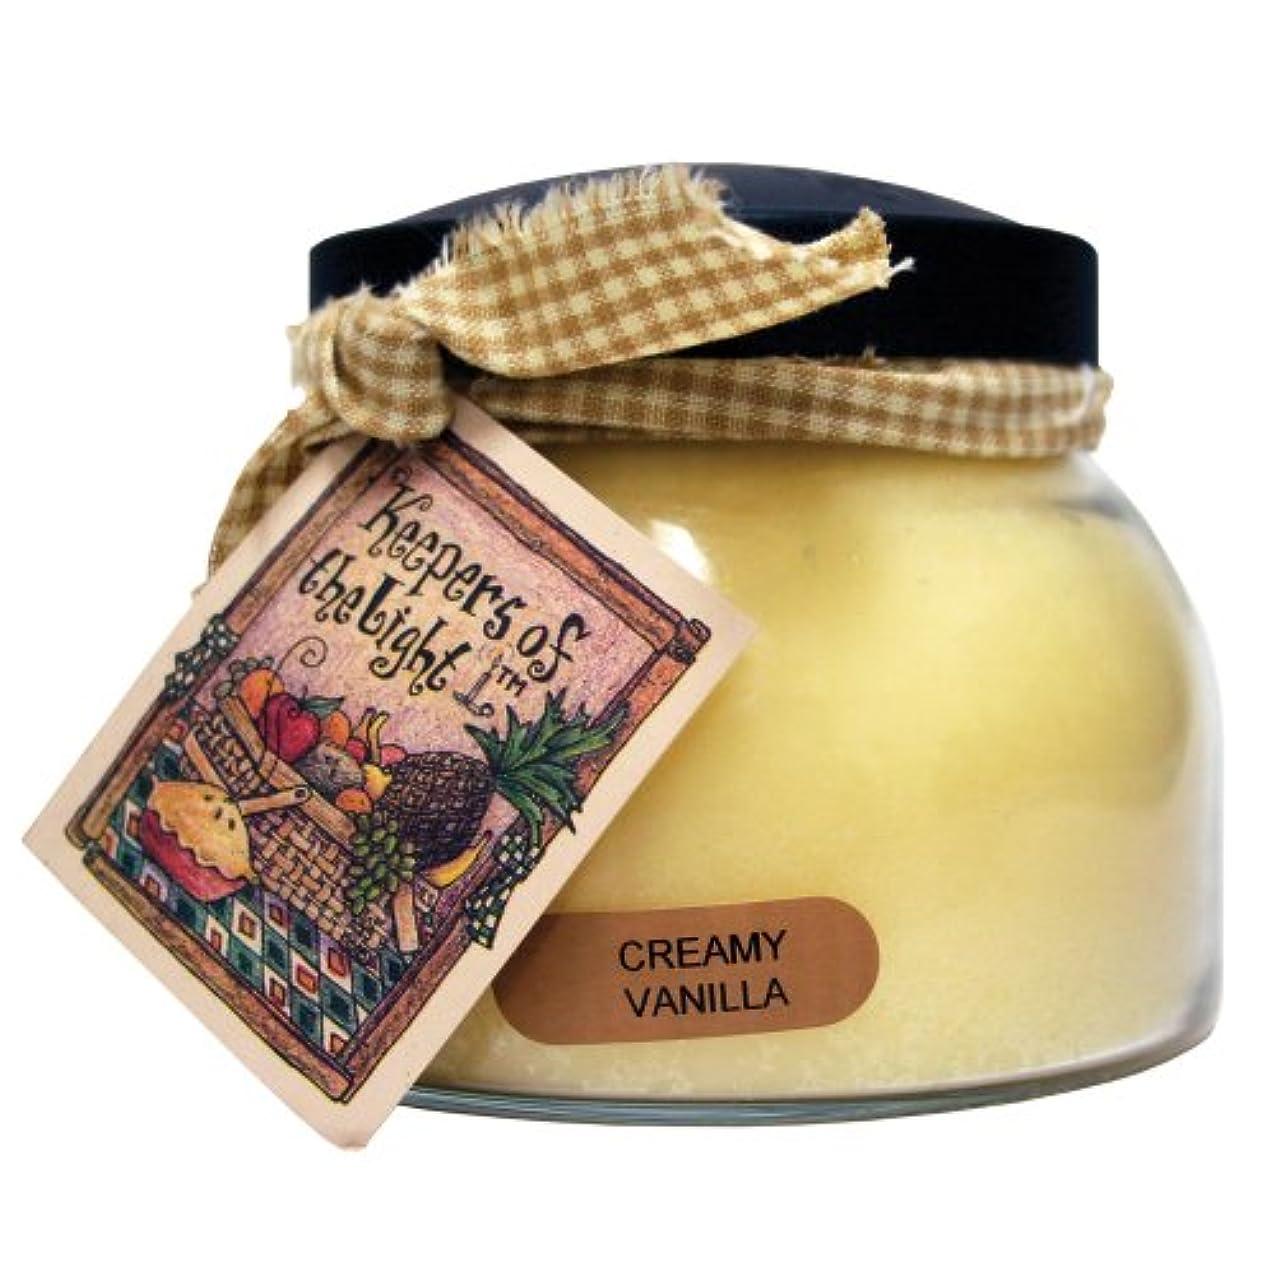 賞賛するフォージ誇大妄想A Cheerful Giver Creamy バニラ ベイビージャーキャンドル 22oz JM108